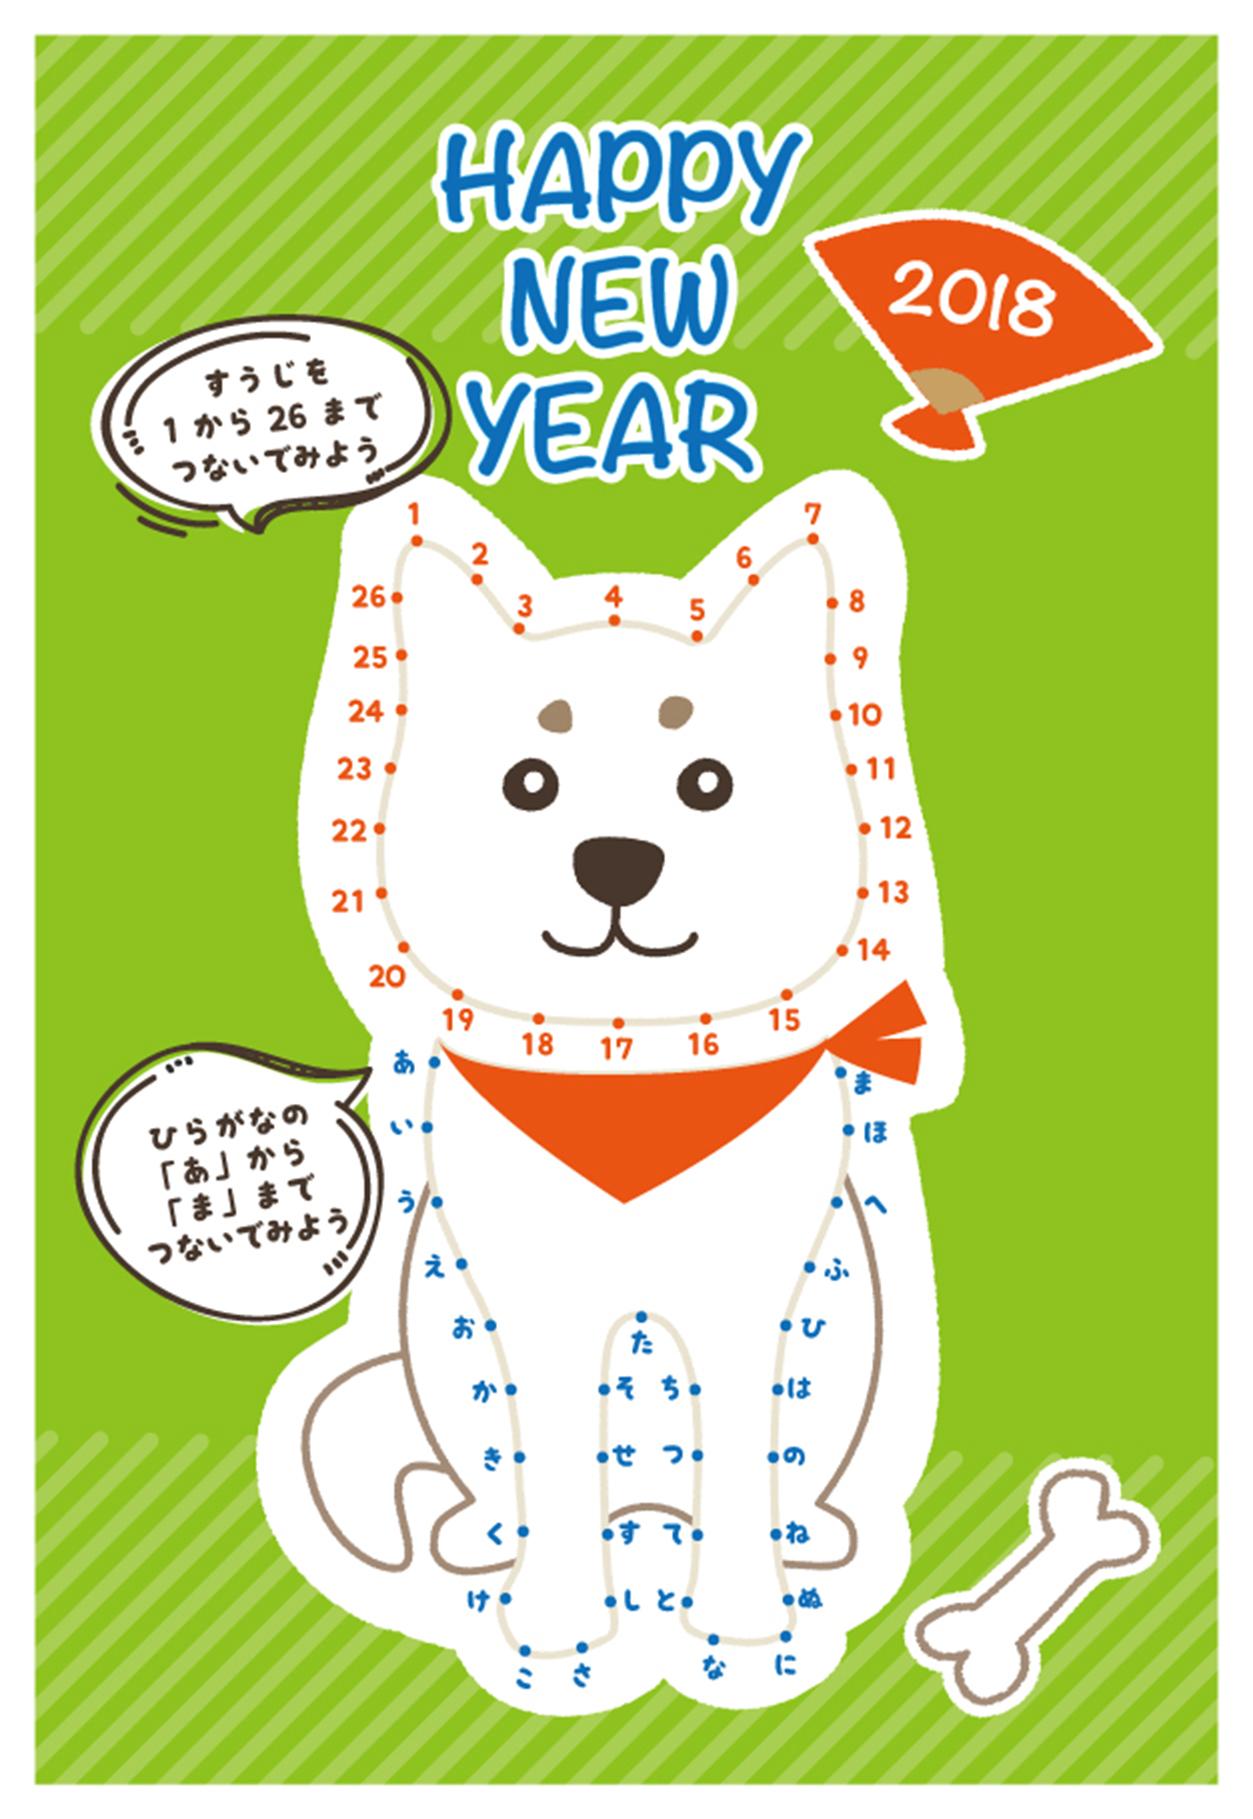 2018年賀状 いぬ年 かわいい犬の数字とひらがな点つなぎ 無料